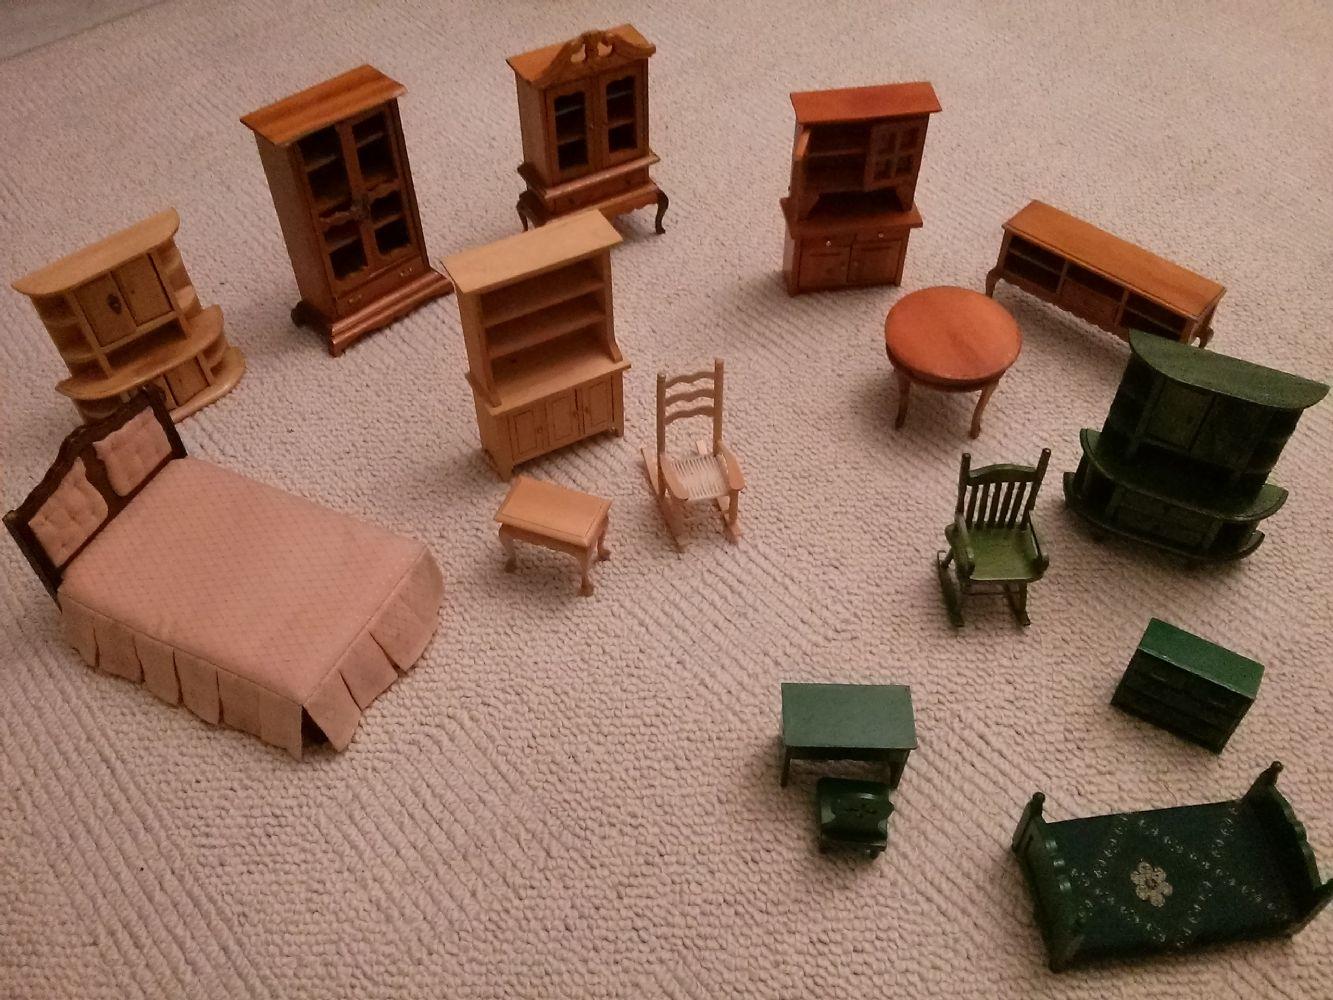 Mobili Per Casa Delle Bambole : Baratto scambio mobili per casa bambole un po di tutto a